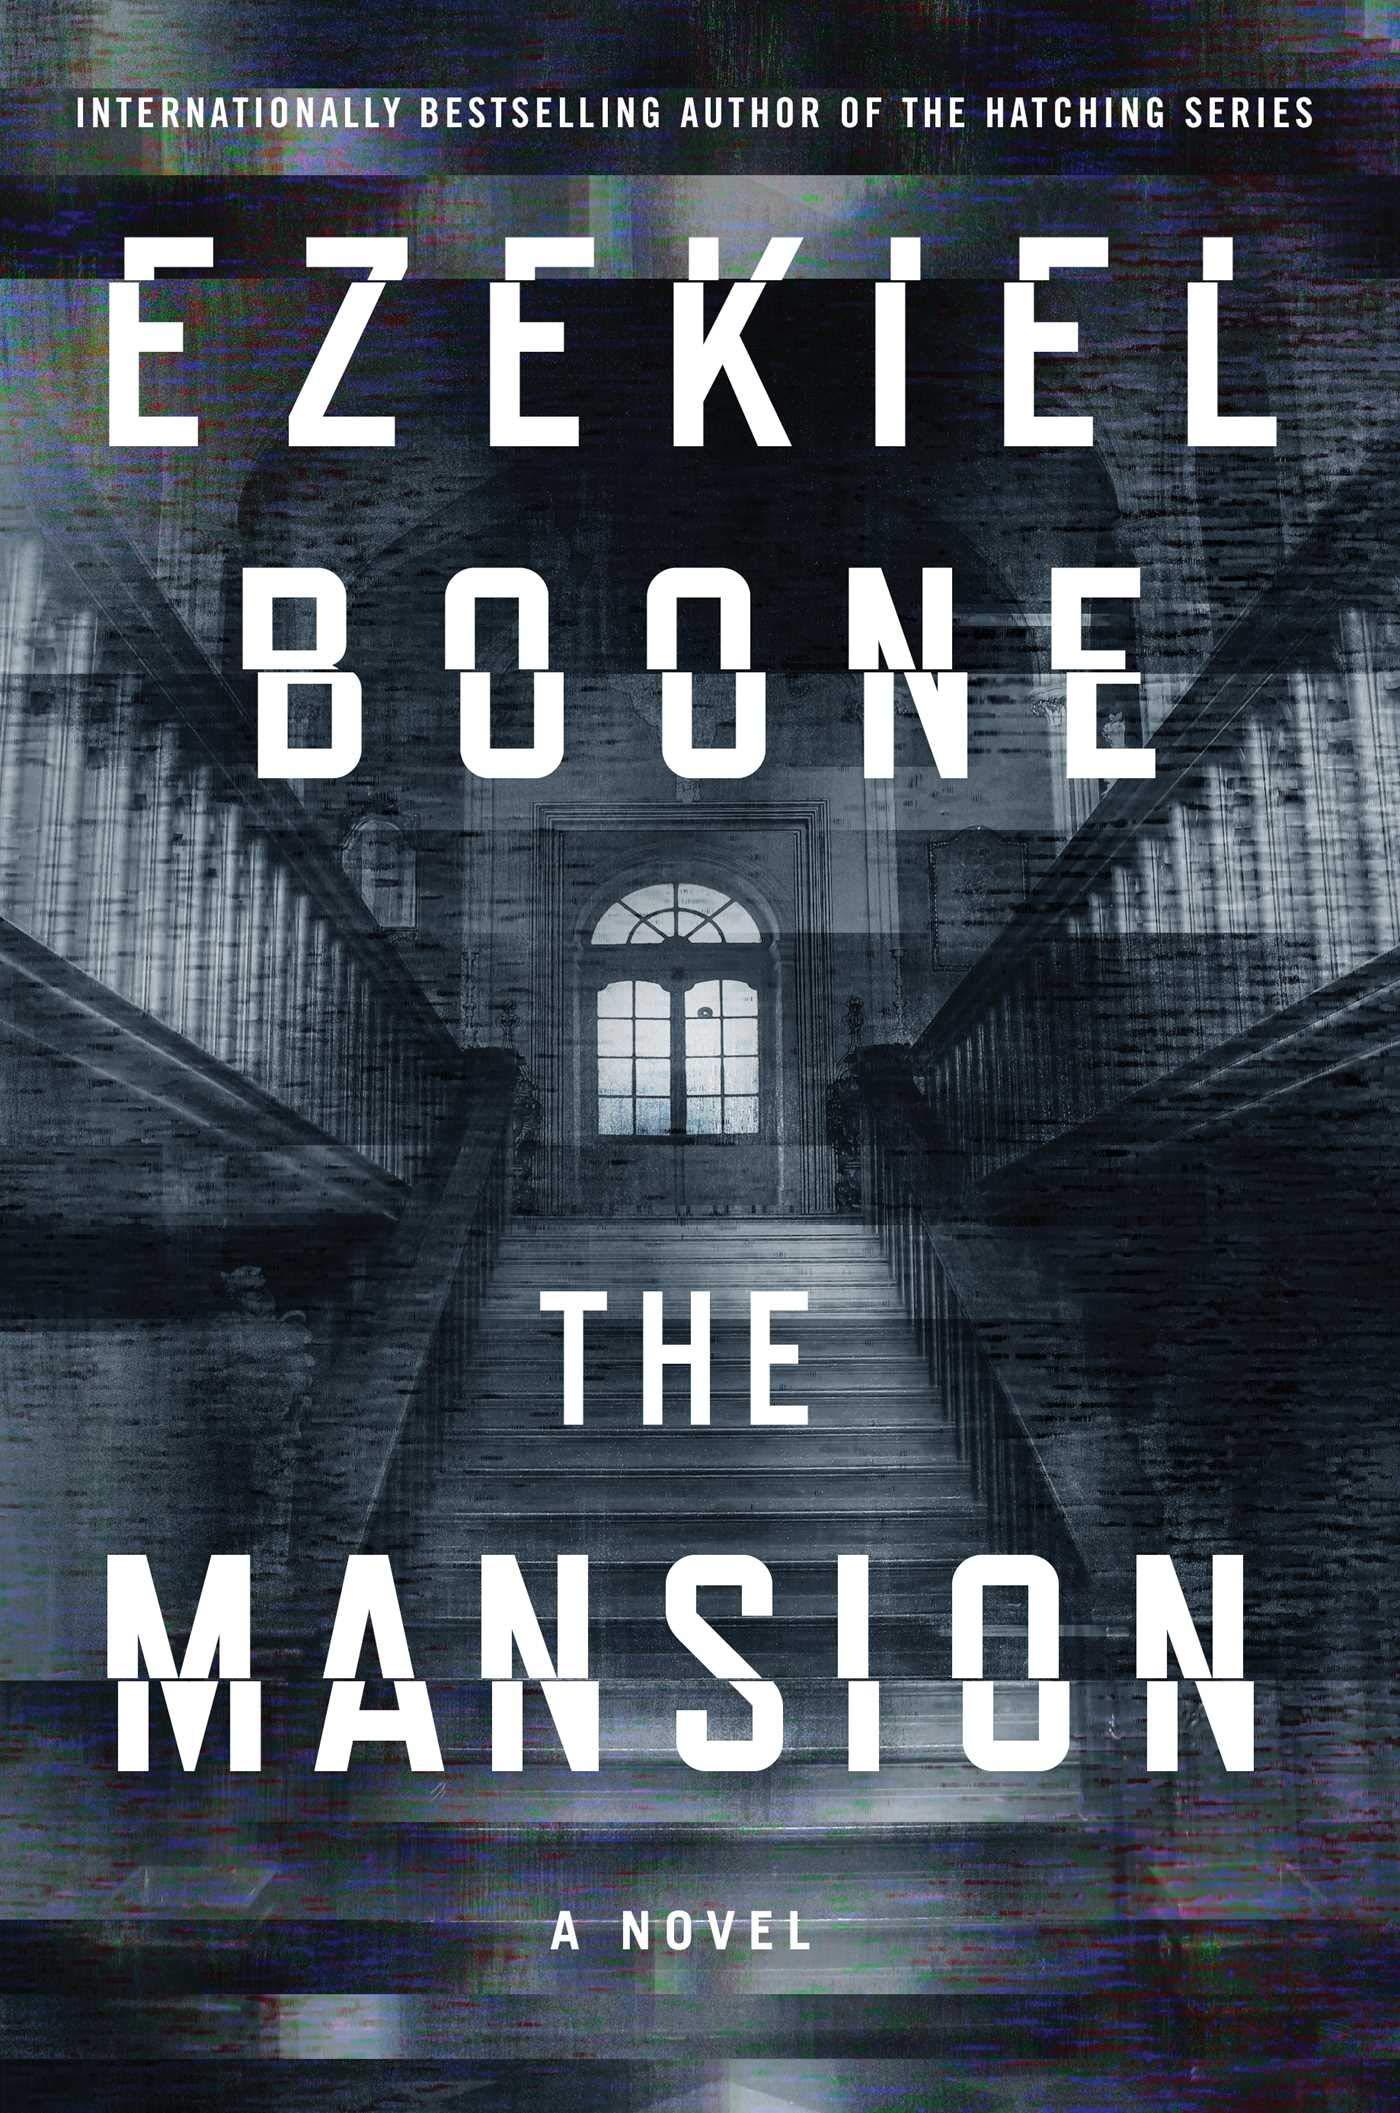 Resultado de imagen para the mansion ezekiel boone